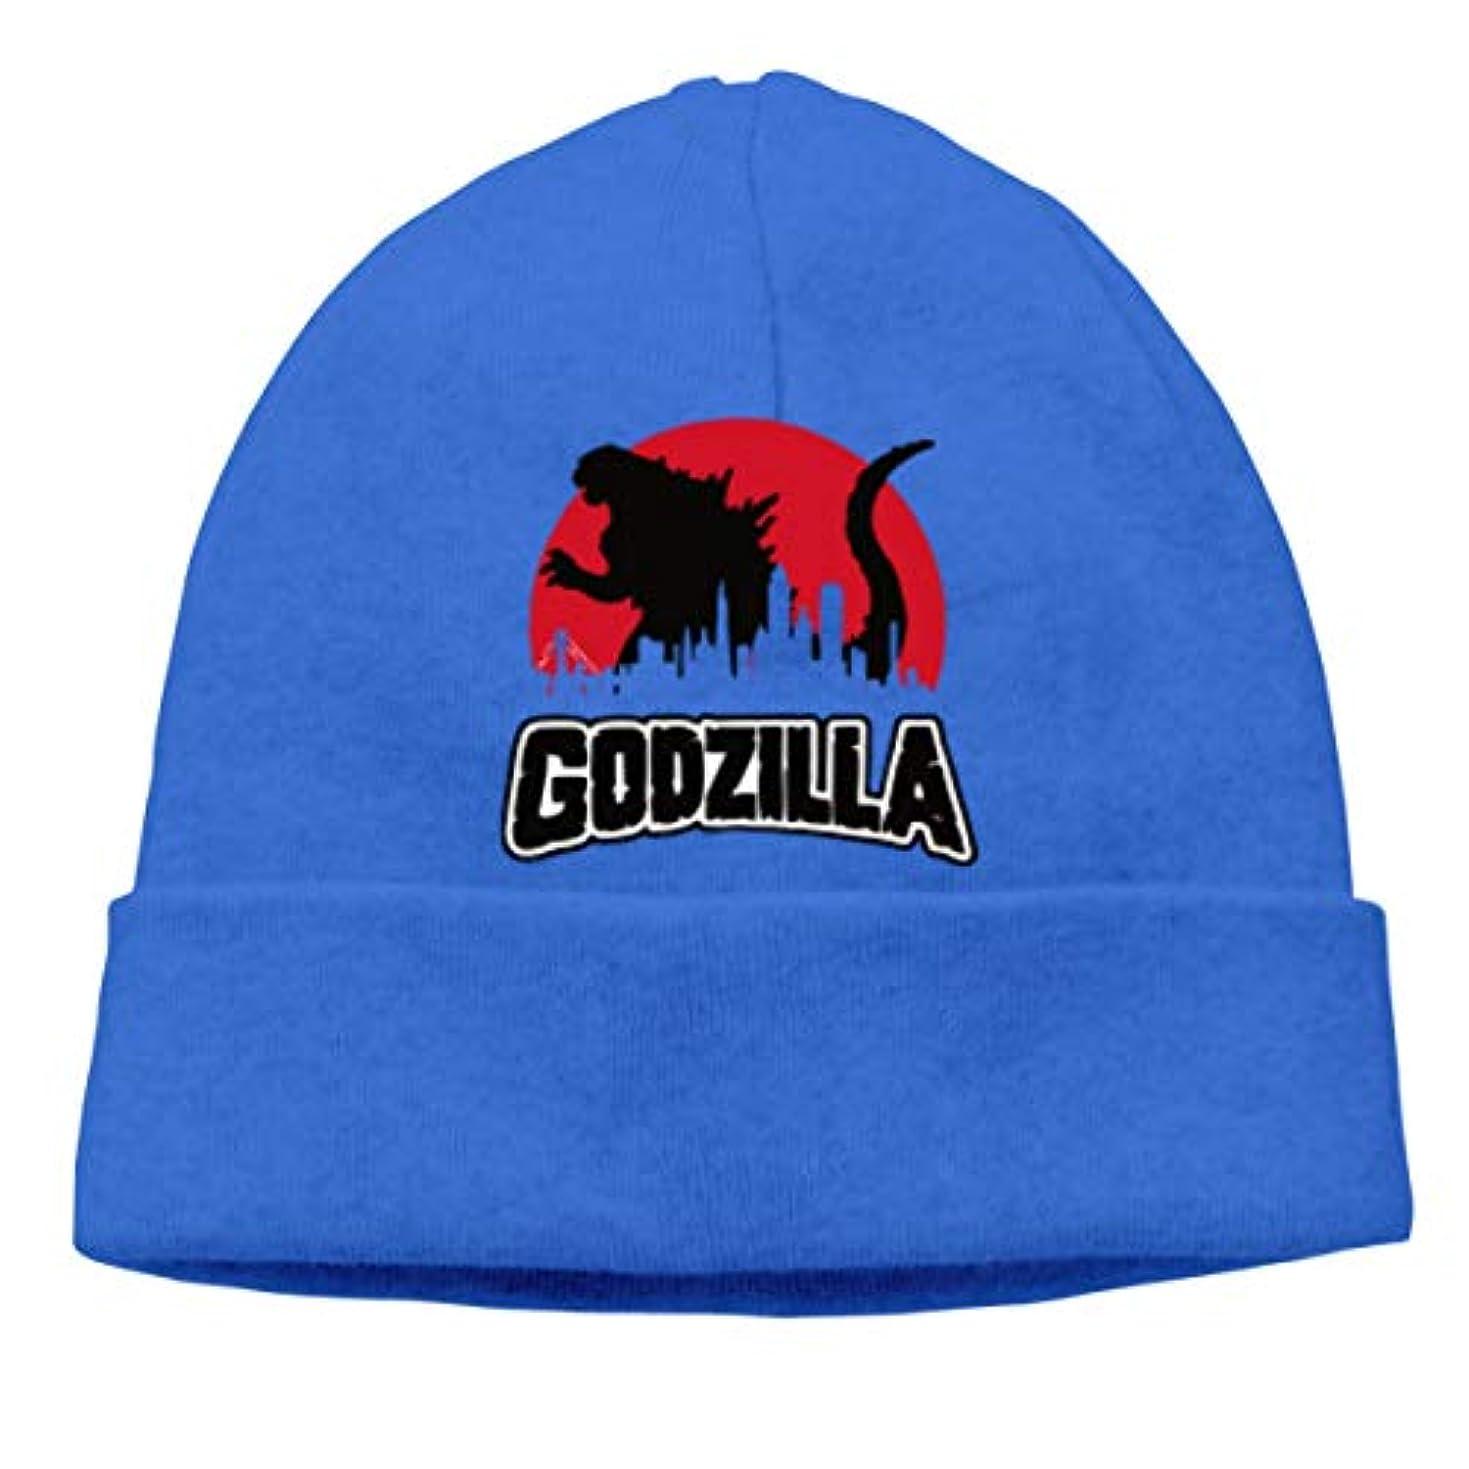 倉庫楽しむ割り当てますゴジラ Godzilla 未知の生き物 チ性抜群 通気性抜群 柔らかい 防風 無地 優れた弾力性 フェードしません 男性用と女性用のキャップ